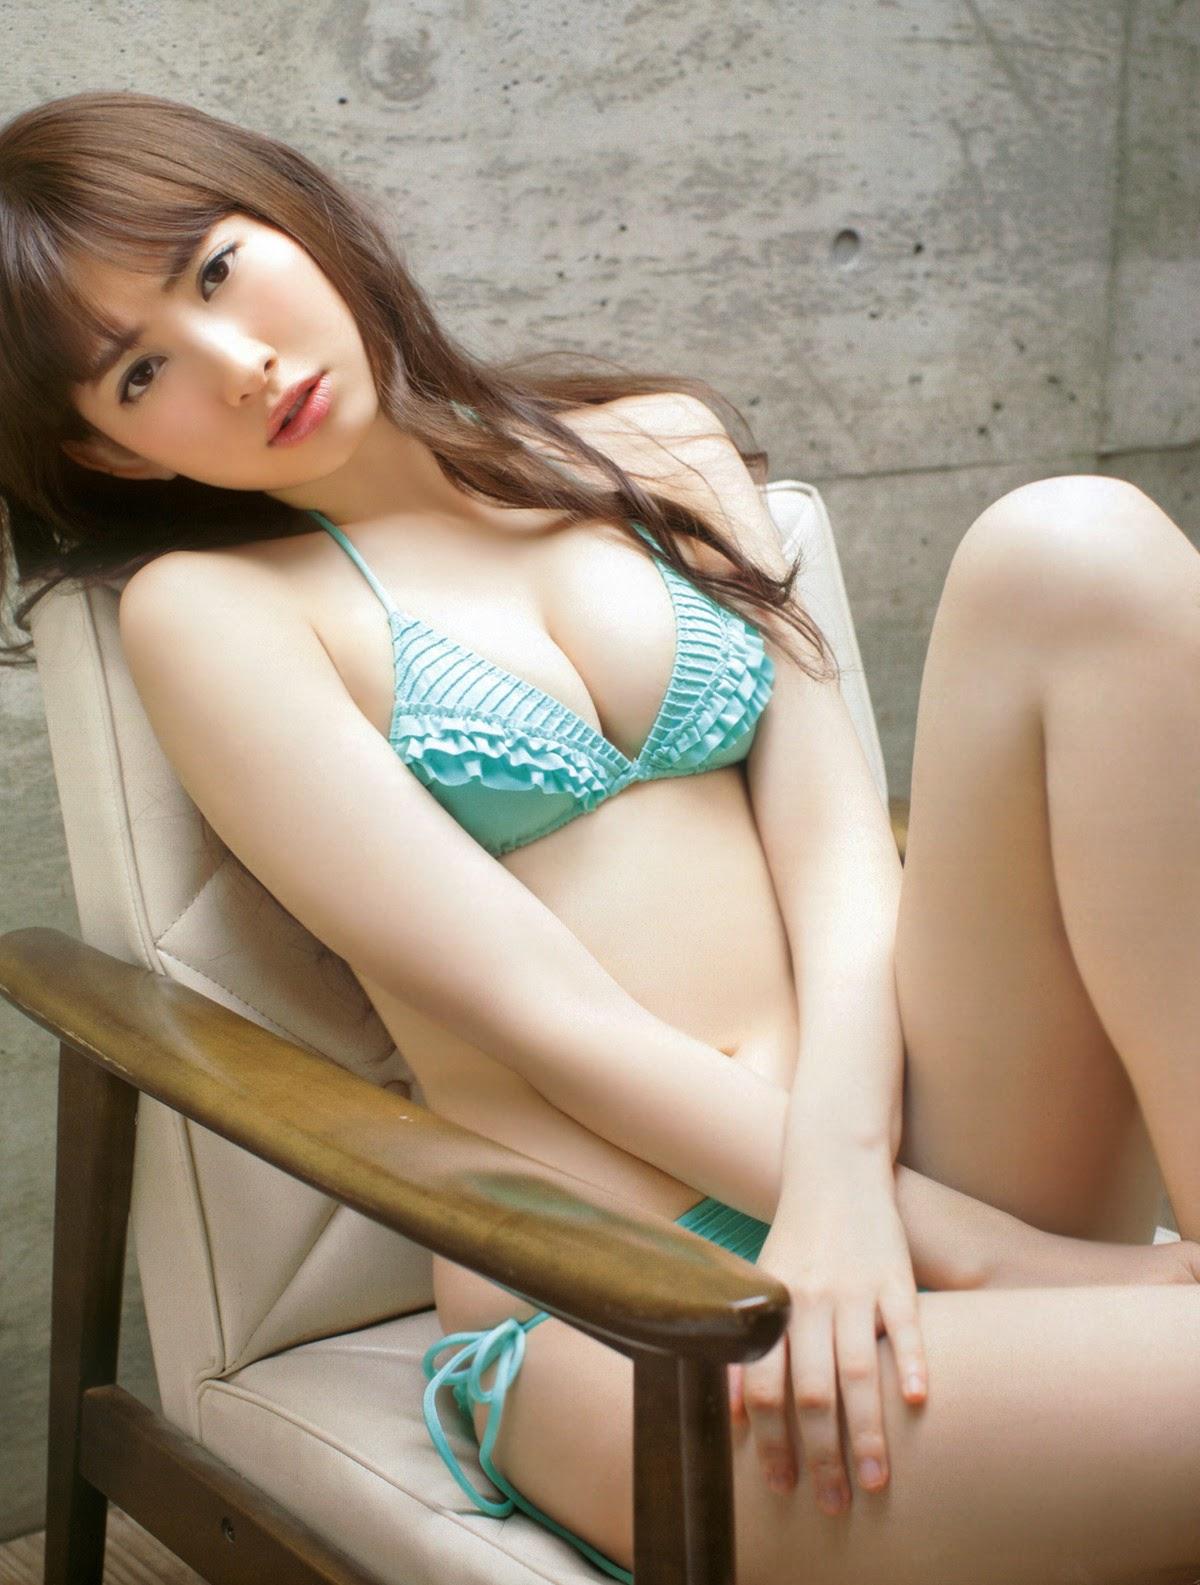 Haruna Kojima đường cong rực lửa khiến mọi người ghen tị 7